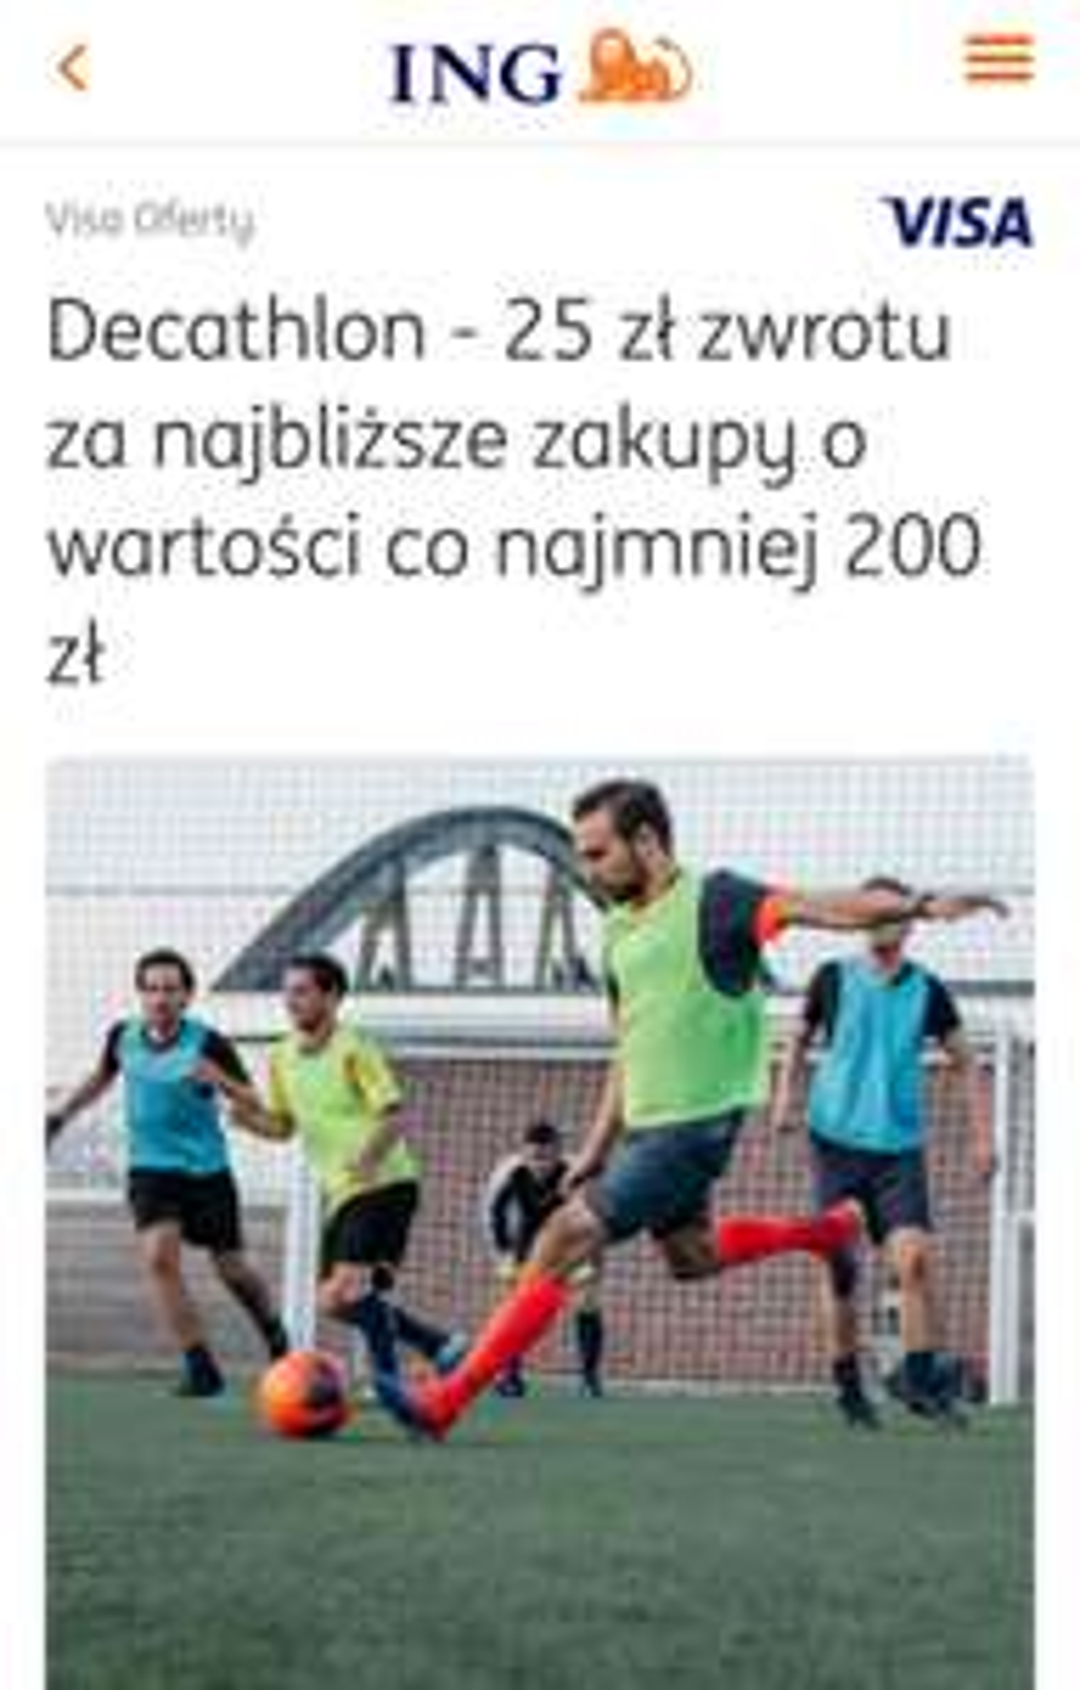 25 zł zwrotu za najbliższe zakupy w Decathlon dla klientów ING Banku. (Visa Oferty).